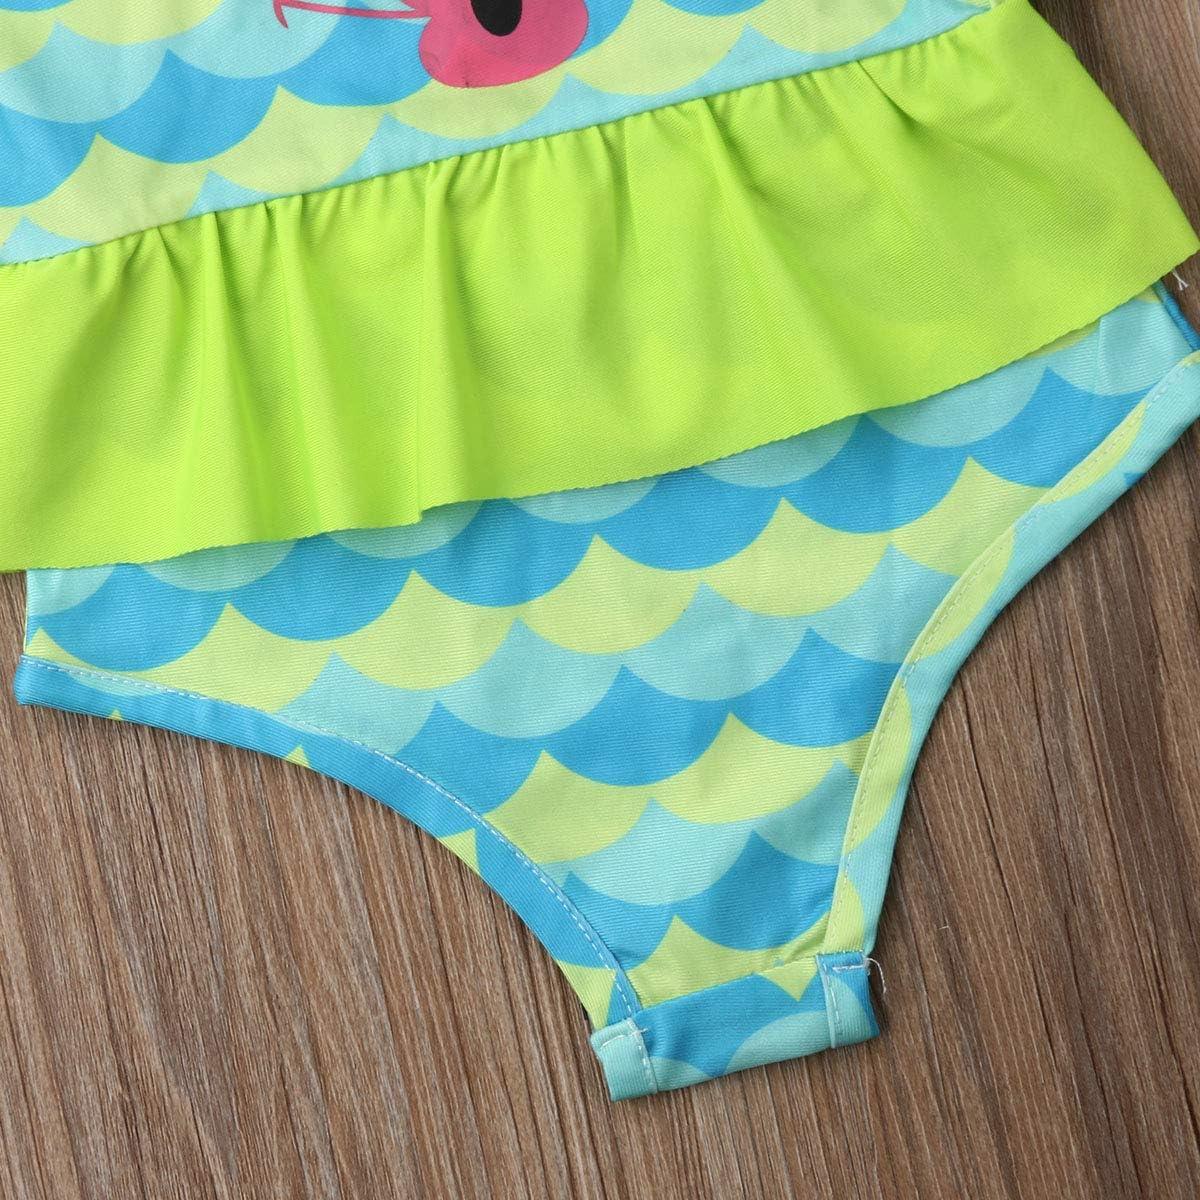 Lamuusaa Infant Kid Baby Girls Fish Sleeveless Swimsuit One-Piece Ruffled Swimwear Bikini Bathing Suit 6M-3Y